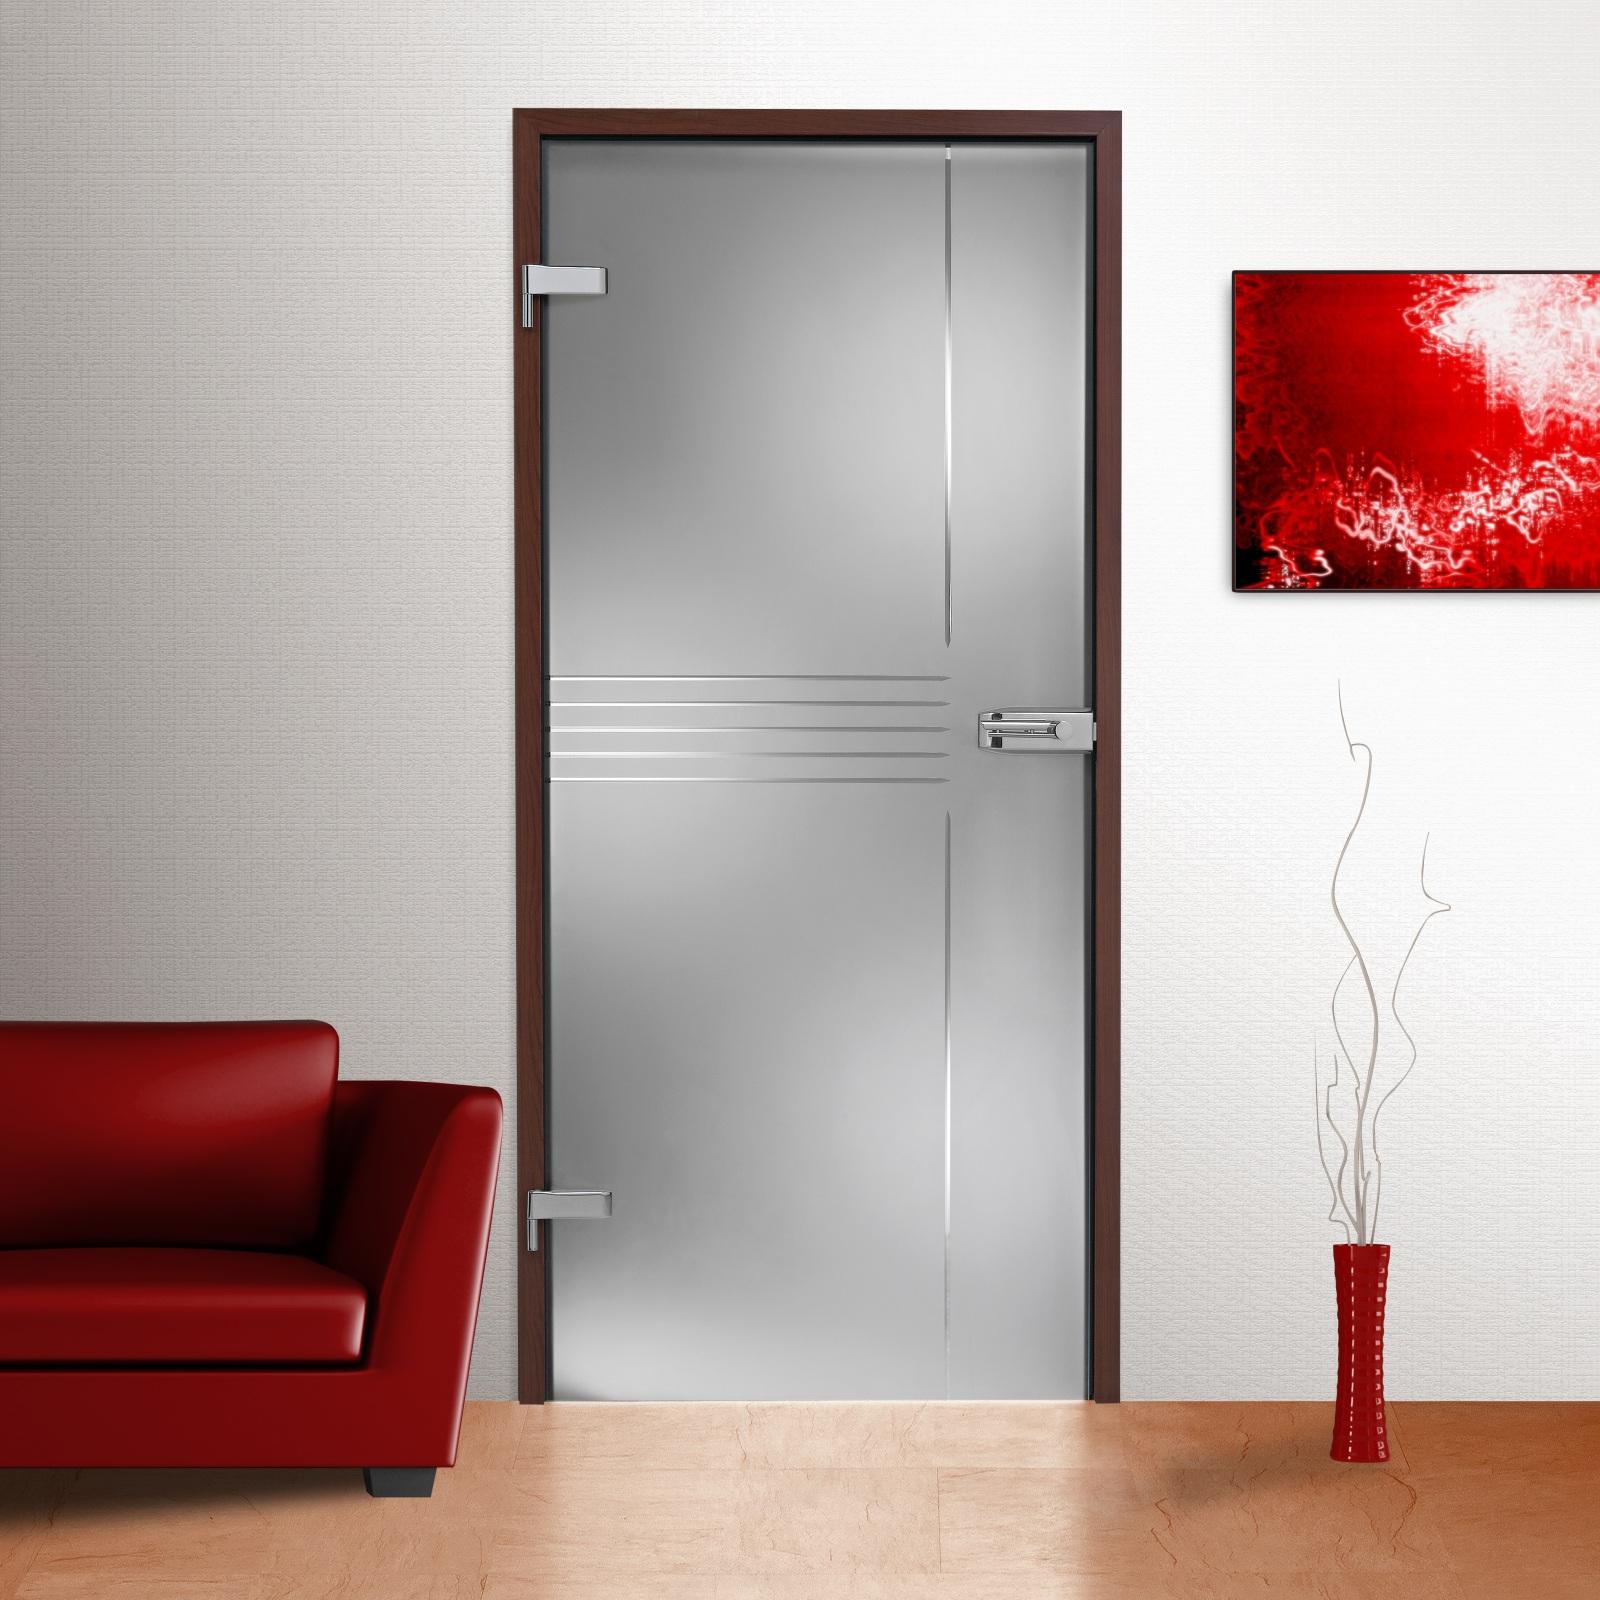 ganzglast r glast r t r innent r ganzglast ren t ren zimmert ren gr888s ebay. Black Bedroom Furniture Sets. Home Design Ideas